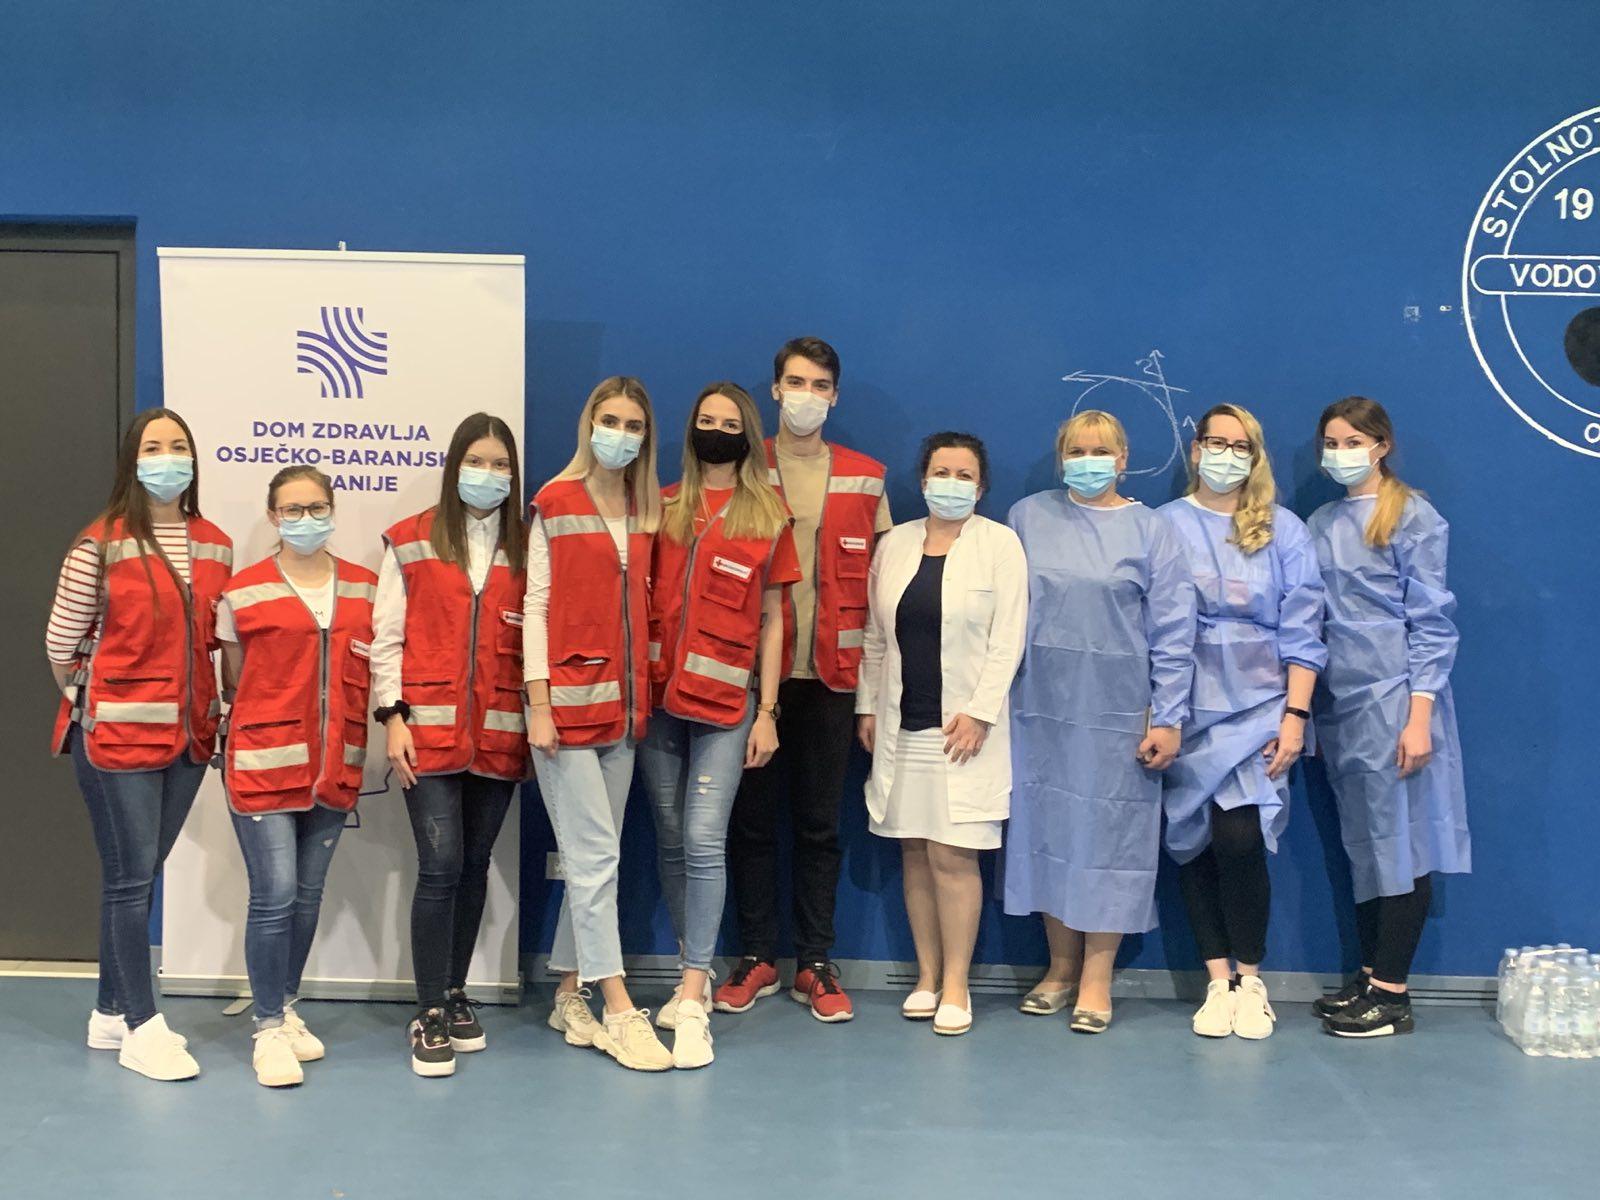 Studenti Fakulteta za dentalnu medicinu i zdravstvo Osijek volontiraju na punktovima za cijepljenje